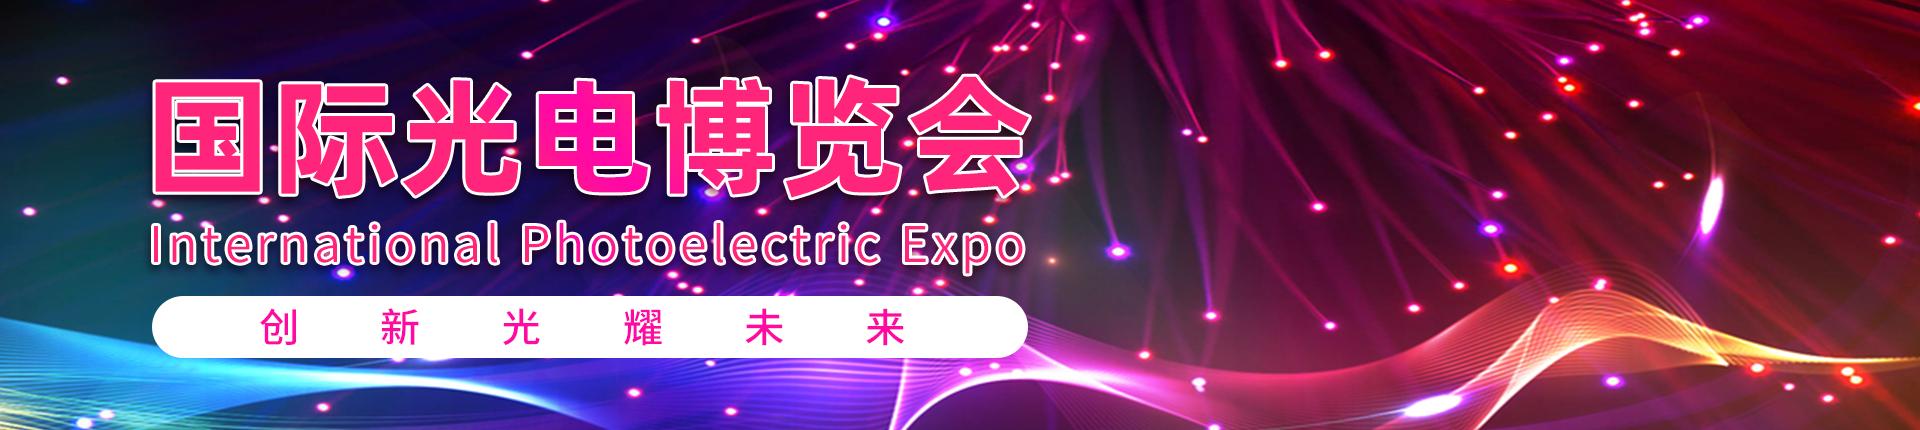 云展·国际光电博览会